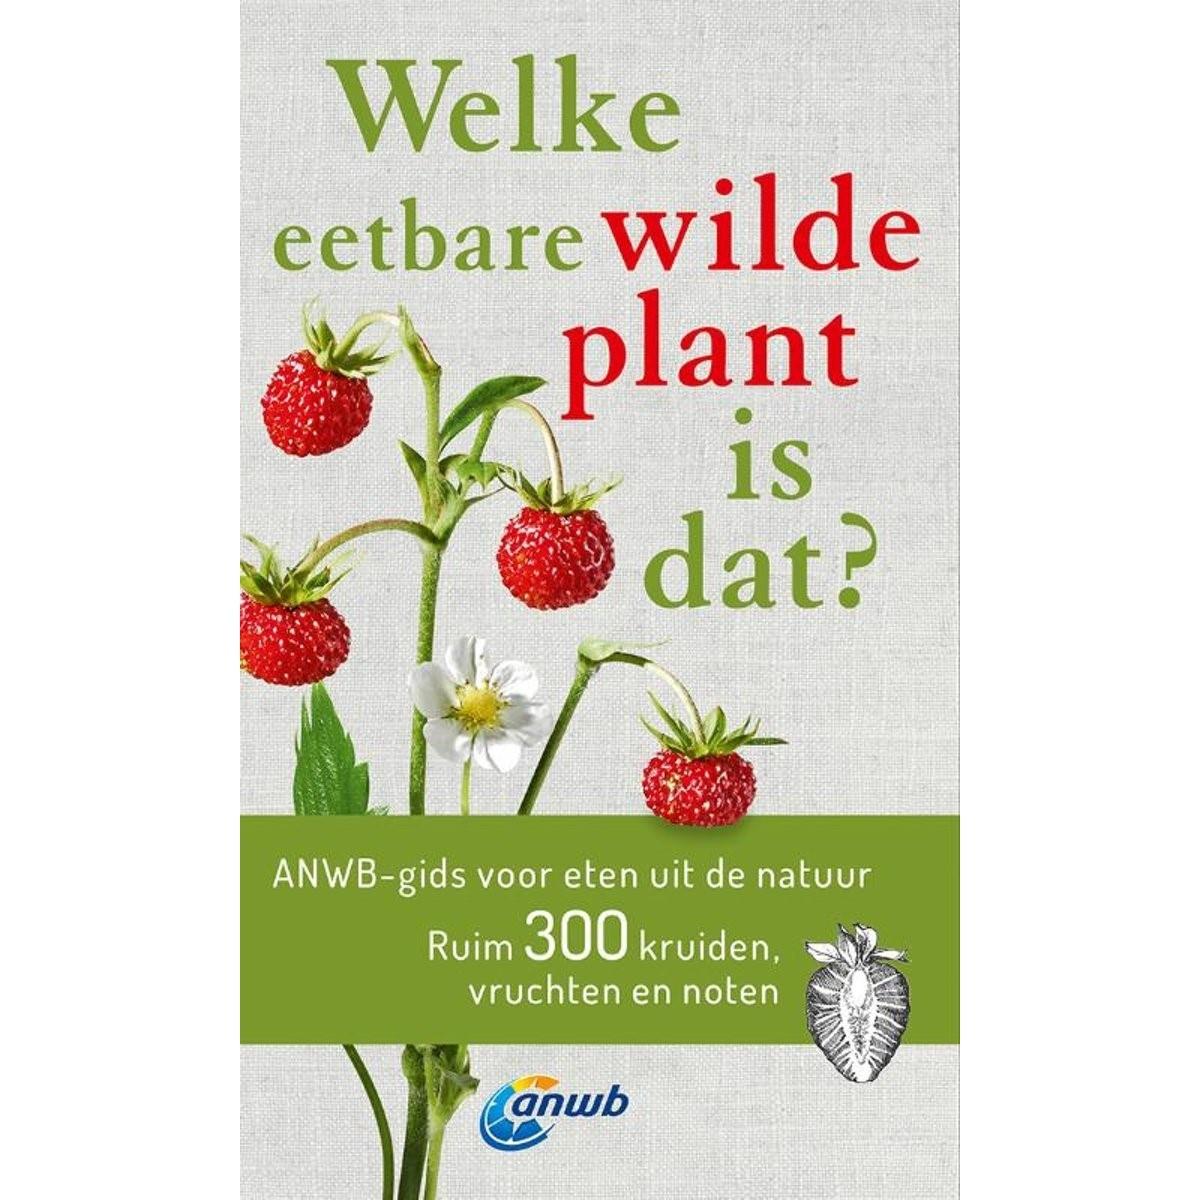 Welke eetbare wilde plant is dat? 9789021572628  Kosmos ANWB Natuur  Natuurgidsen, Plantenboeken Reisinformatie algemeen